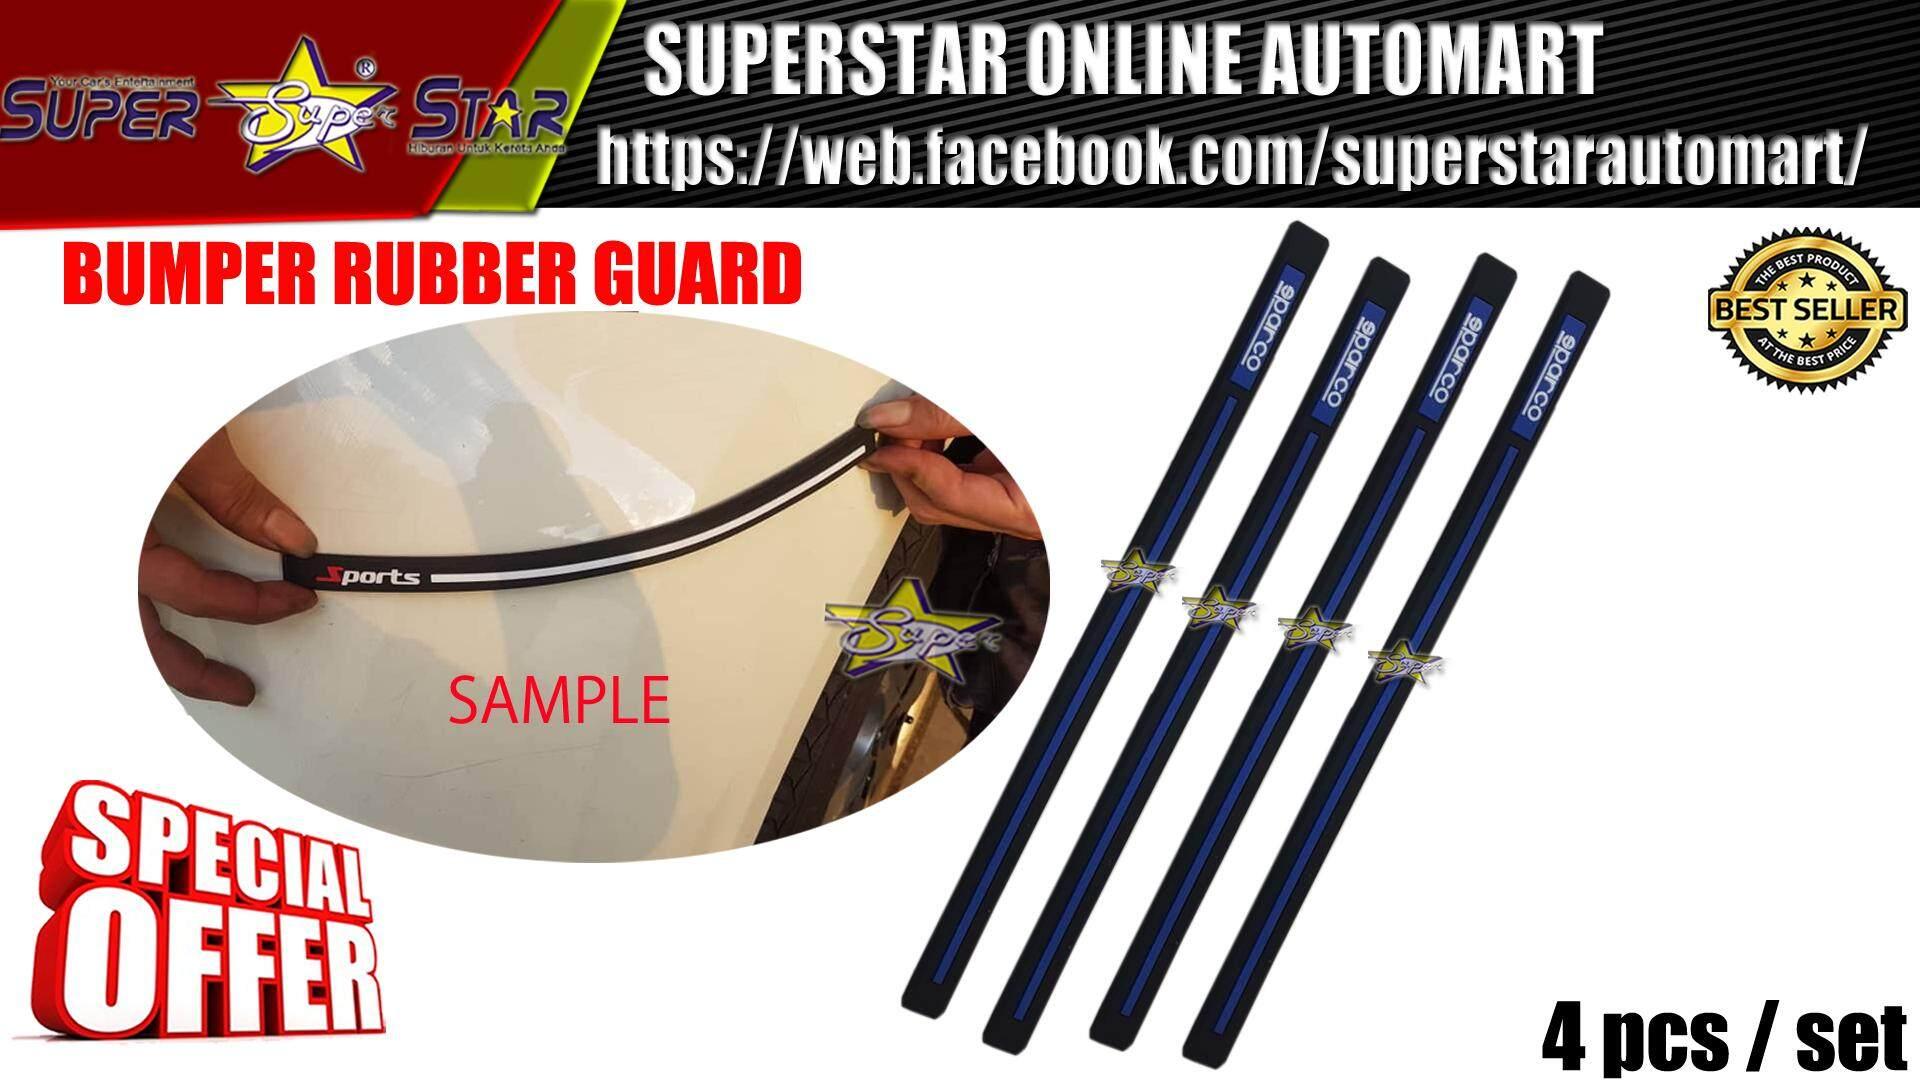 BUMPER RUBBER GUARD SPARCO (BLUE LINE)